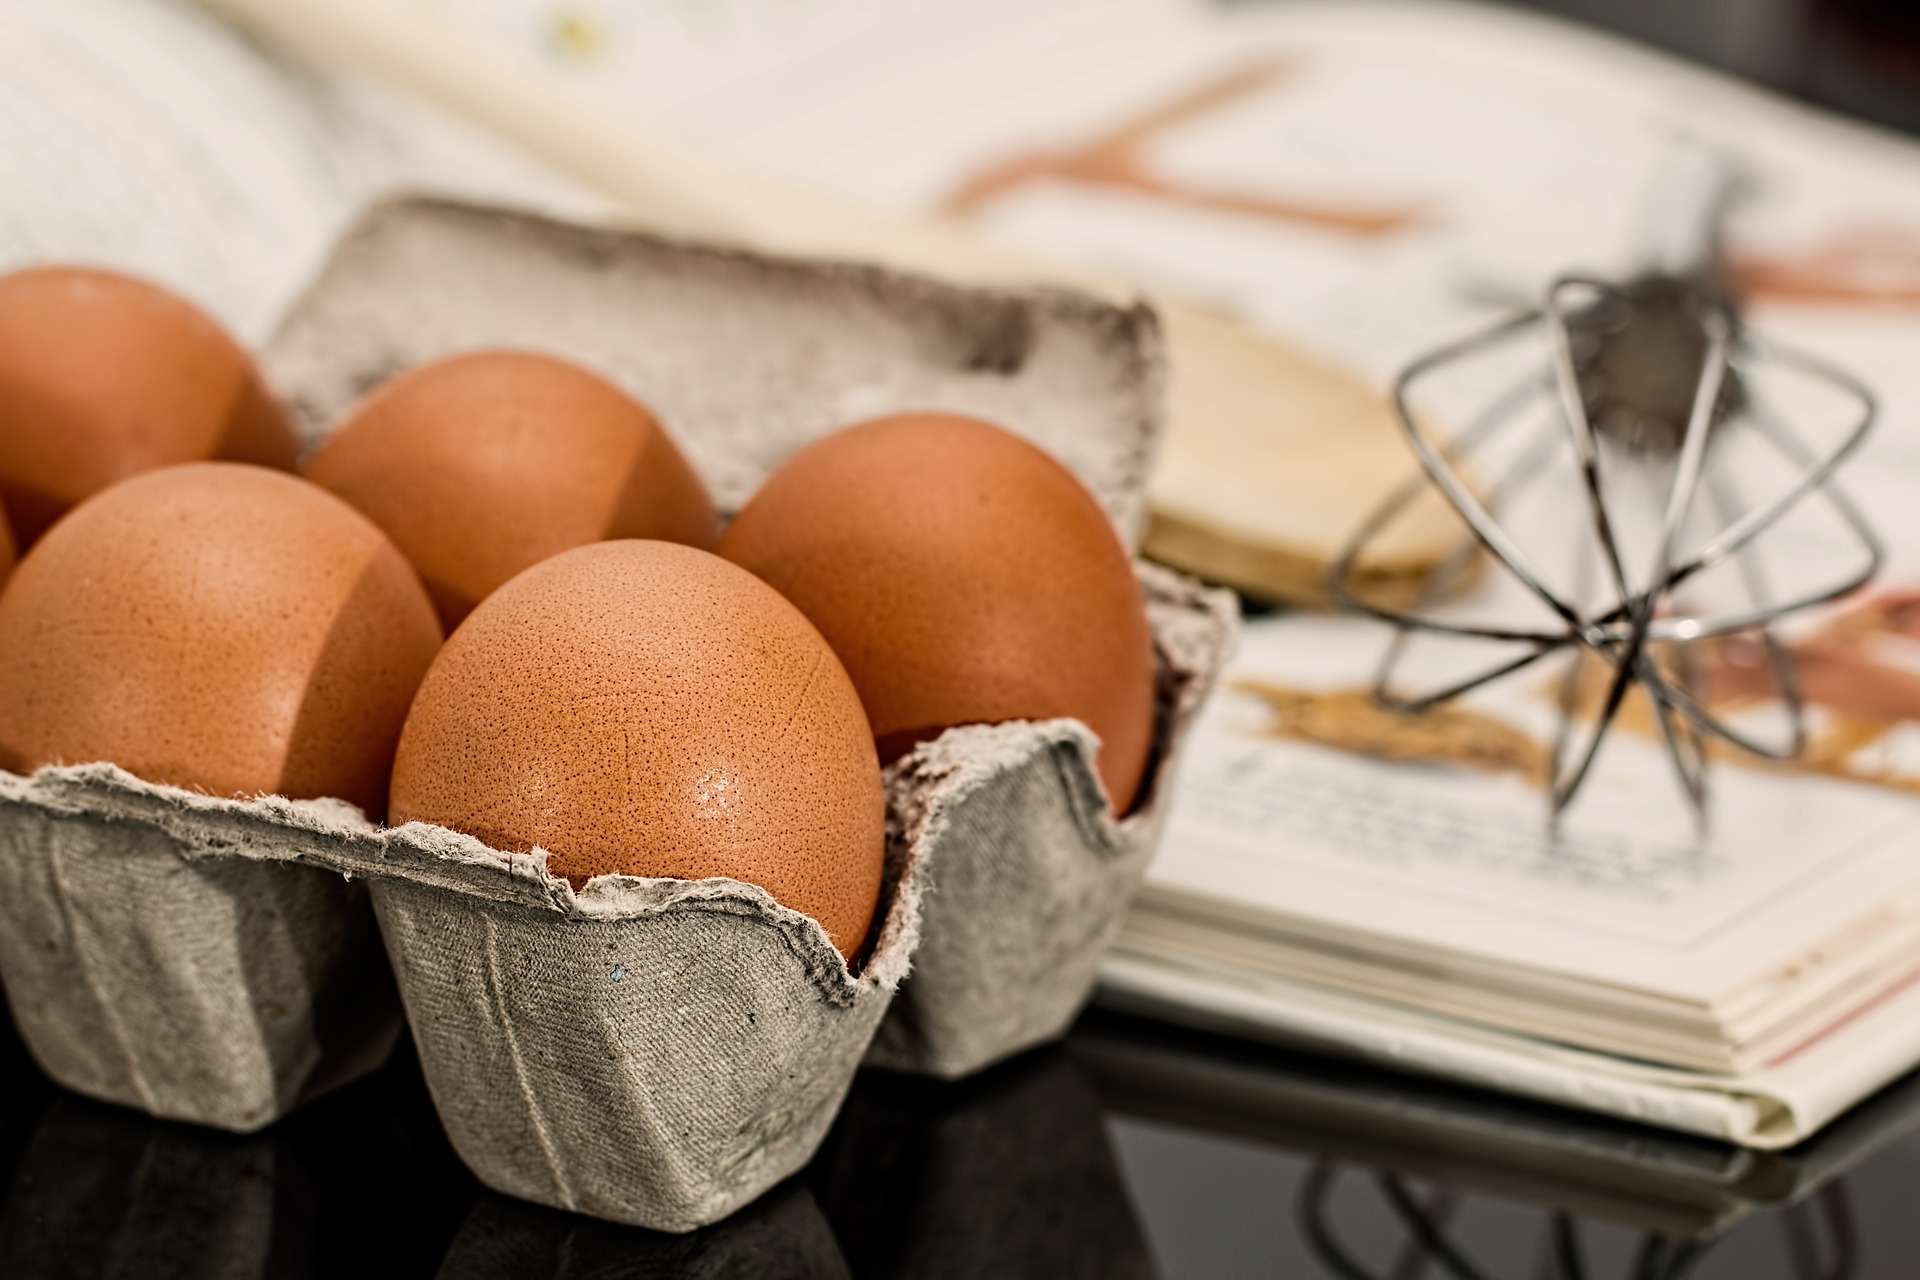 Los huevos son un alimento permitido en la dieta FODMAP. (Steve Buissinne / Pixabay)